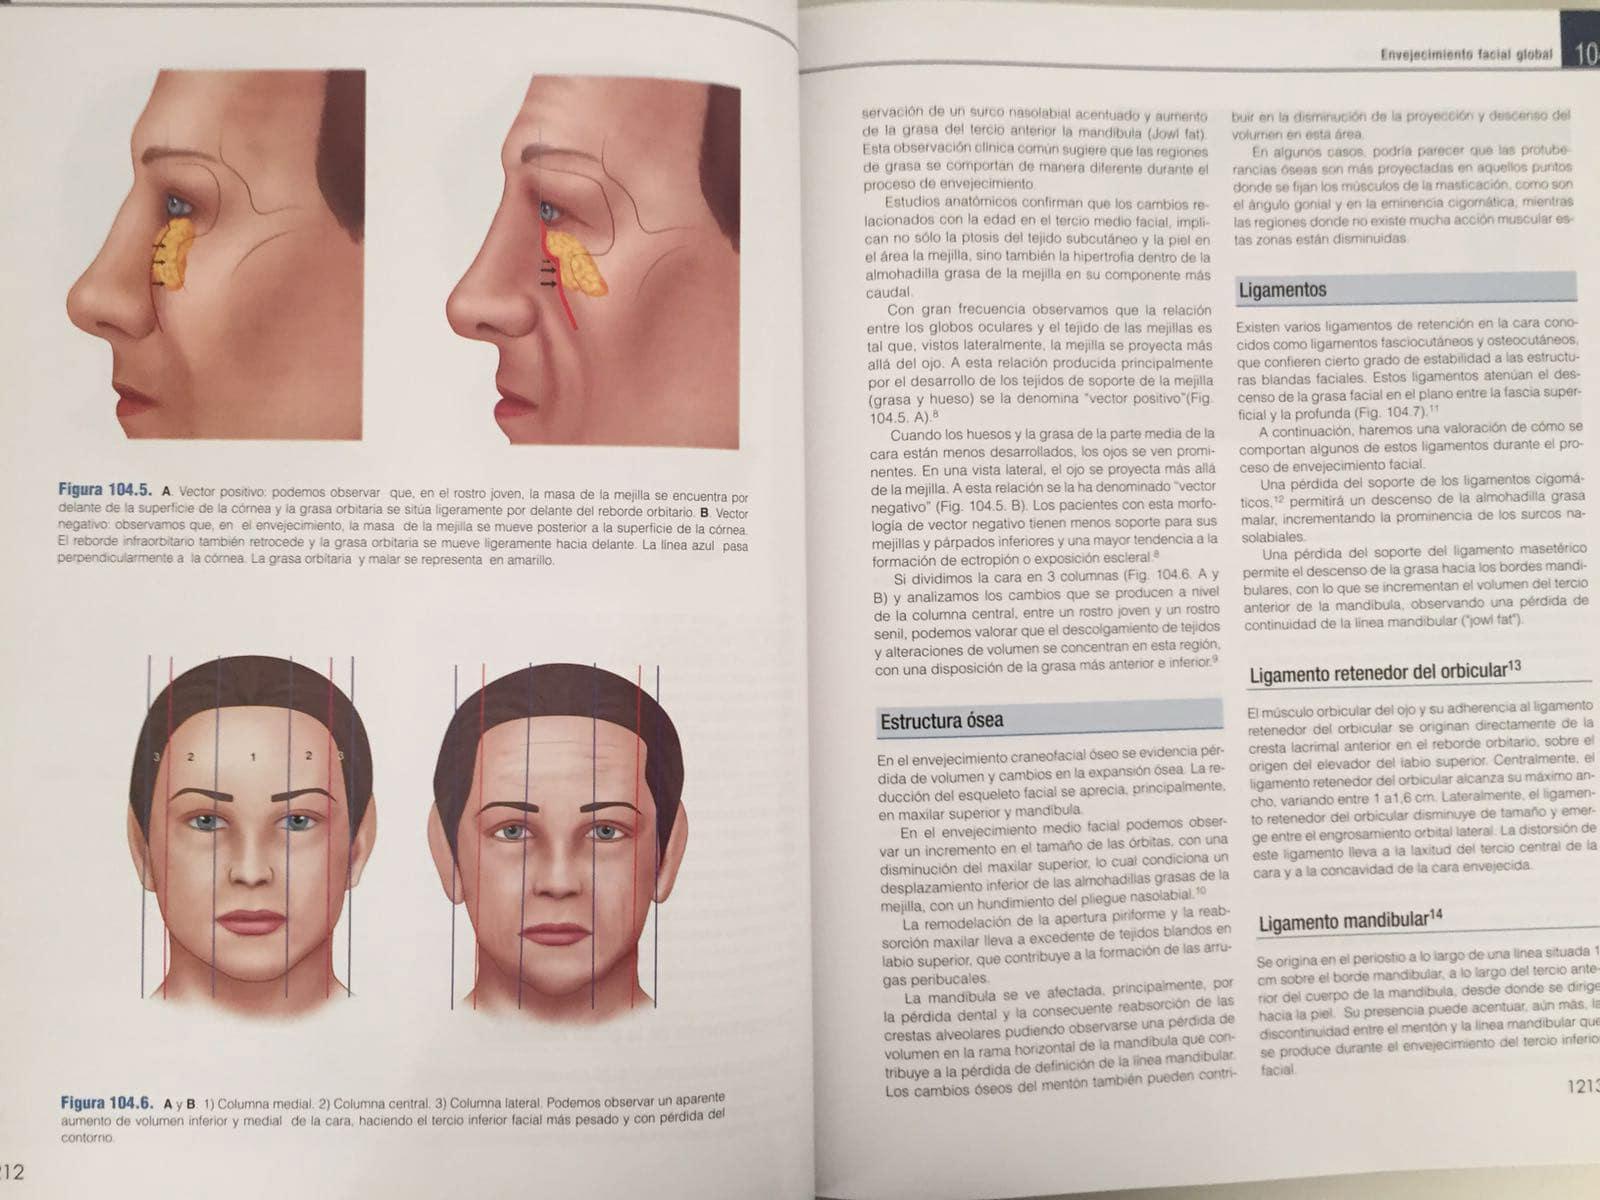 envejecimiento facial global, coiffman-3